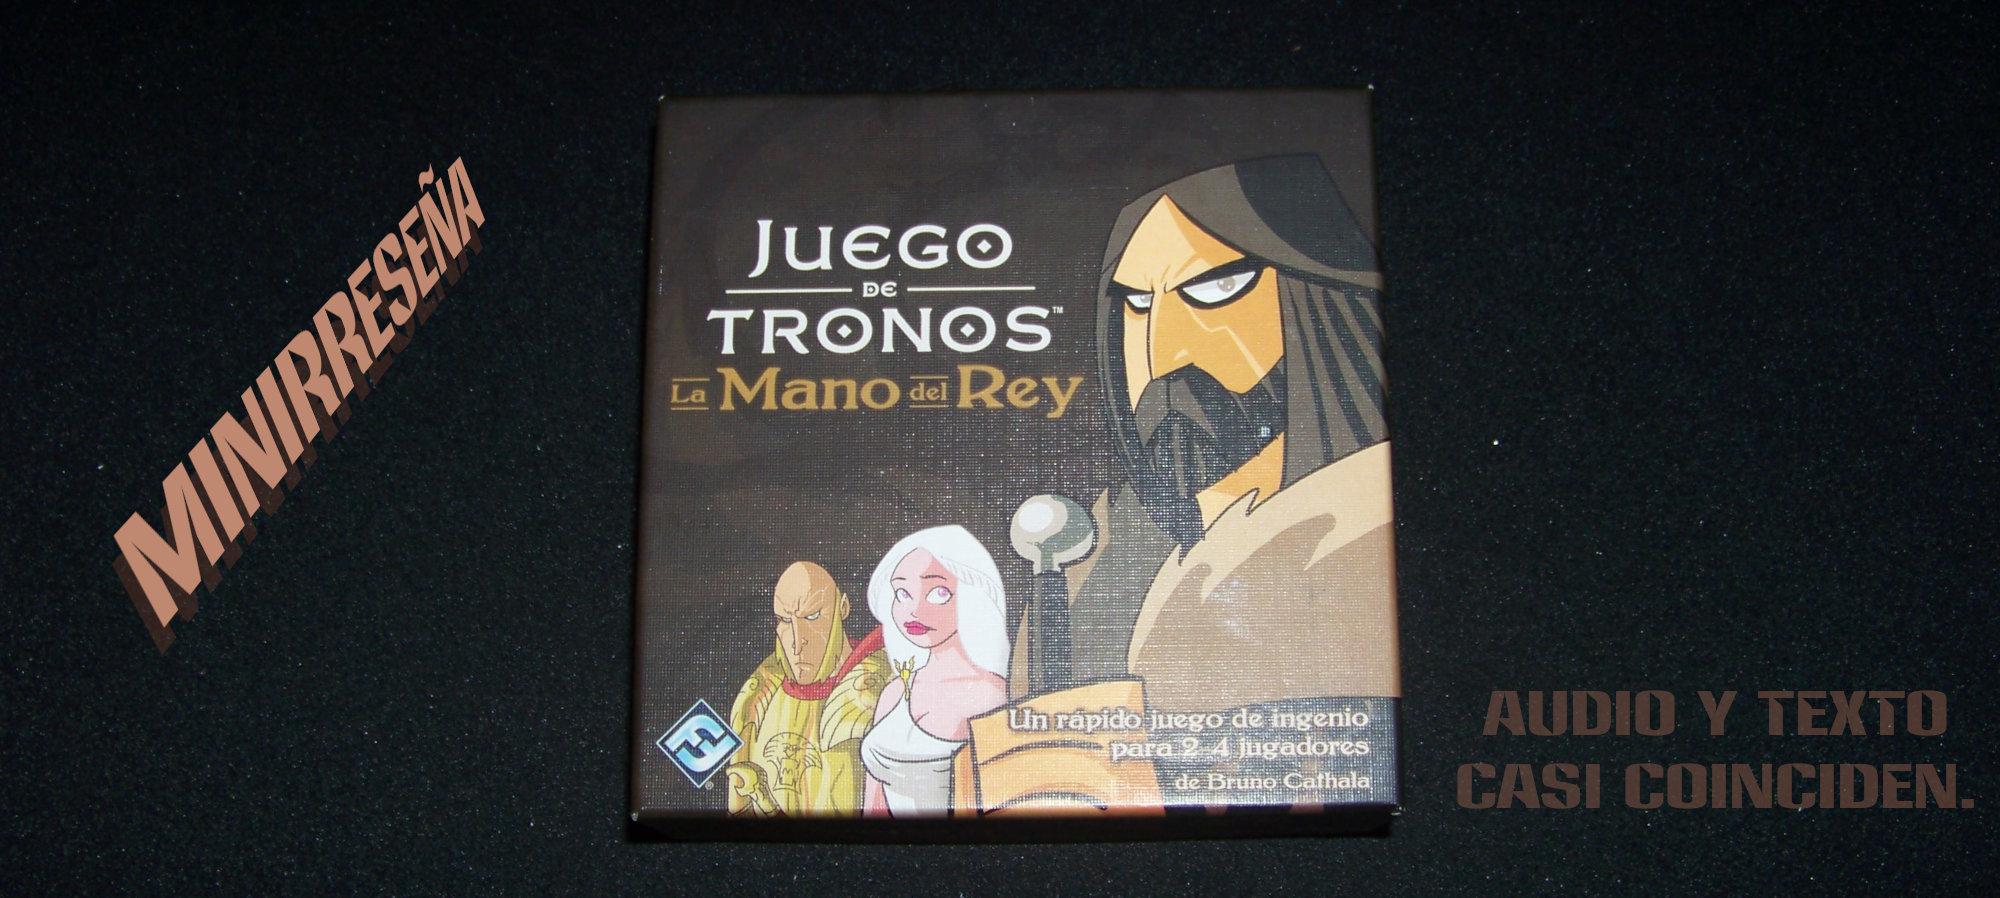 Juego de Tronos - La Mano del Rey - Minirreseña